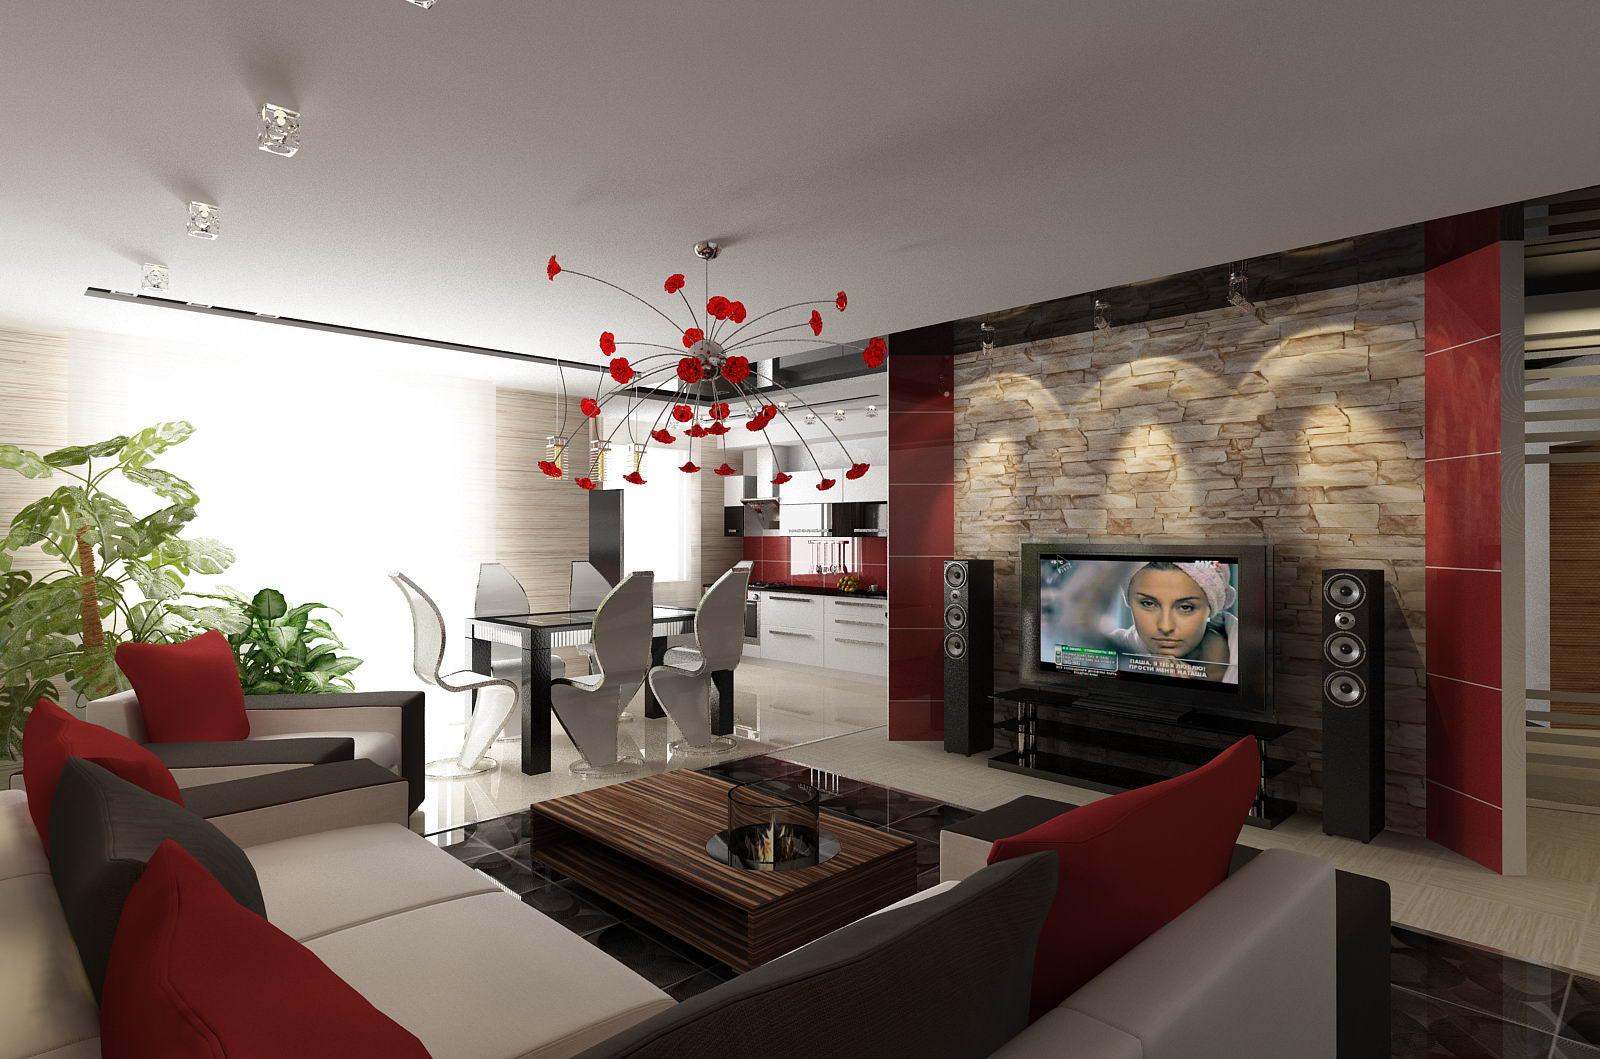 Фото дизайна кухни объединенного с залом 132